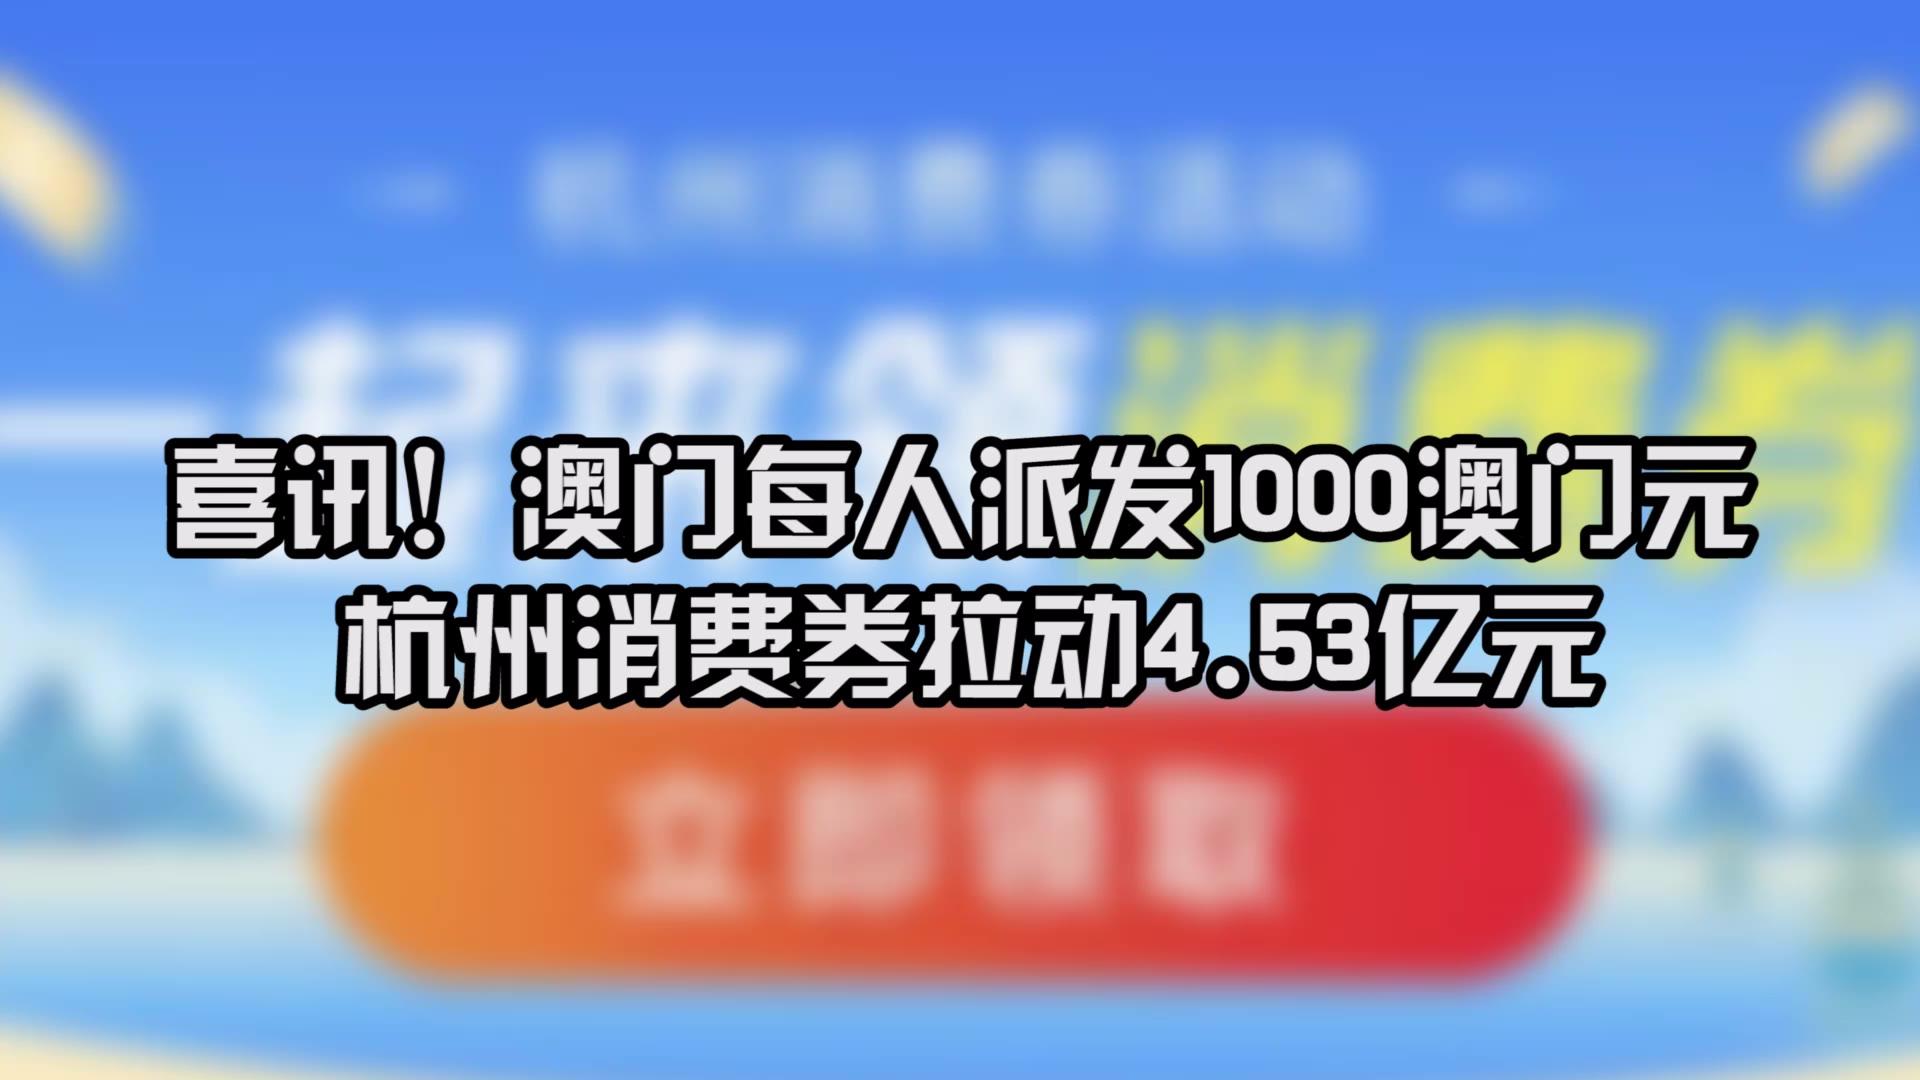 喜讯!澳门每人派发1000澳门元,杭州消费券拉动4.53亿元!